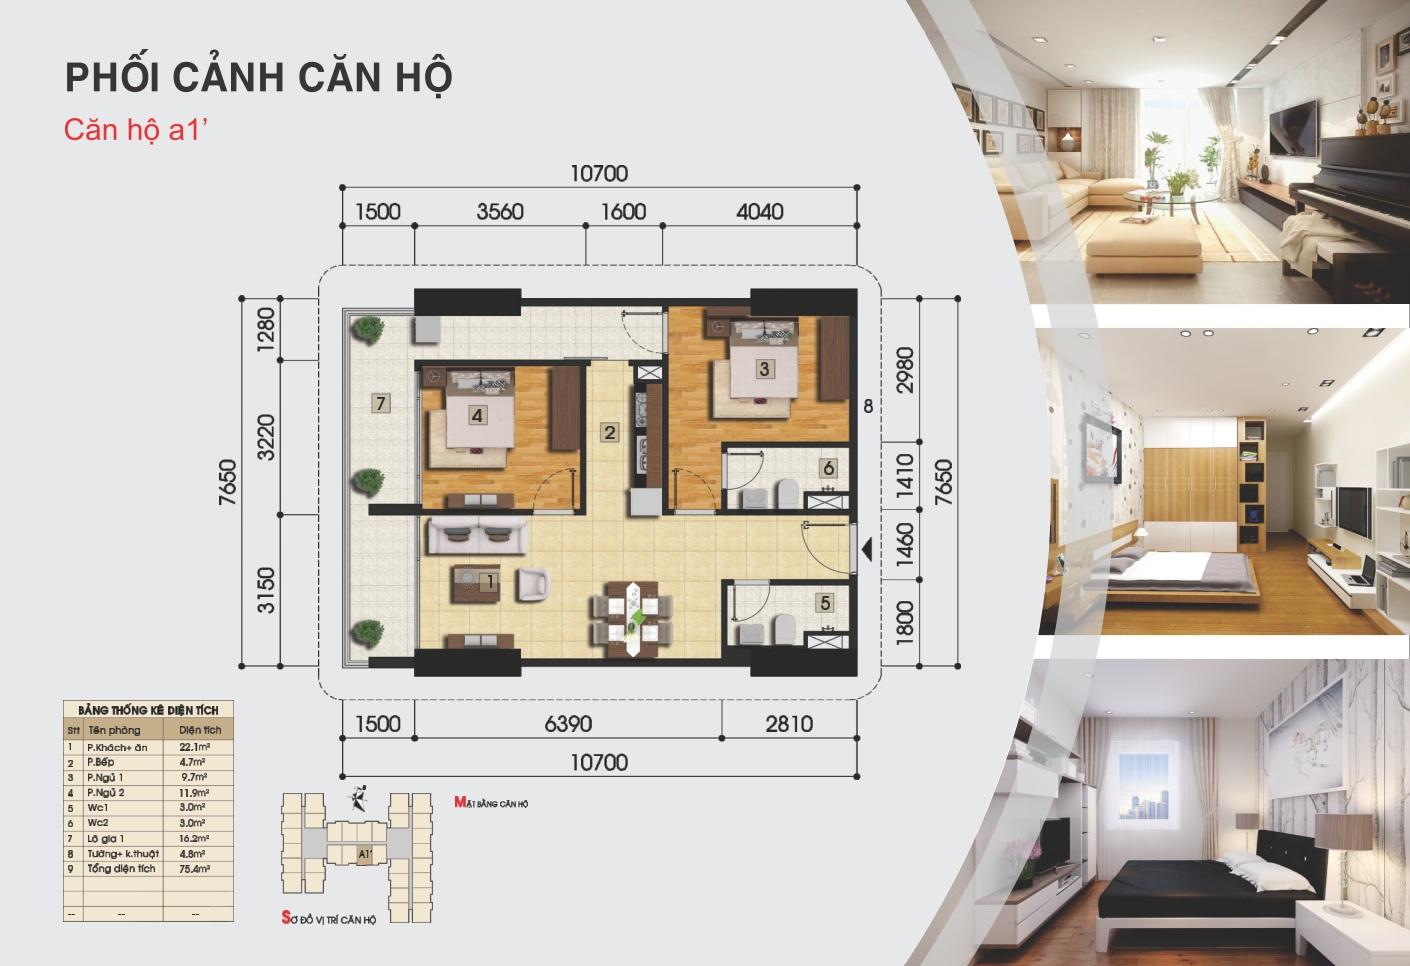 Thiết kế căn hộ A1' - Chung cư Gemek Premium